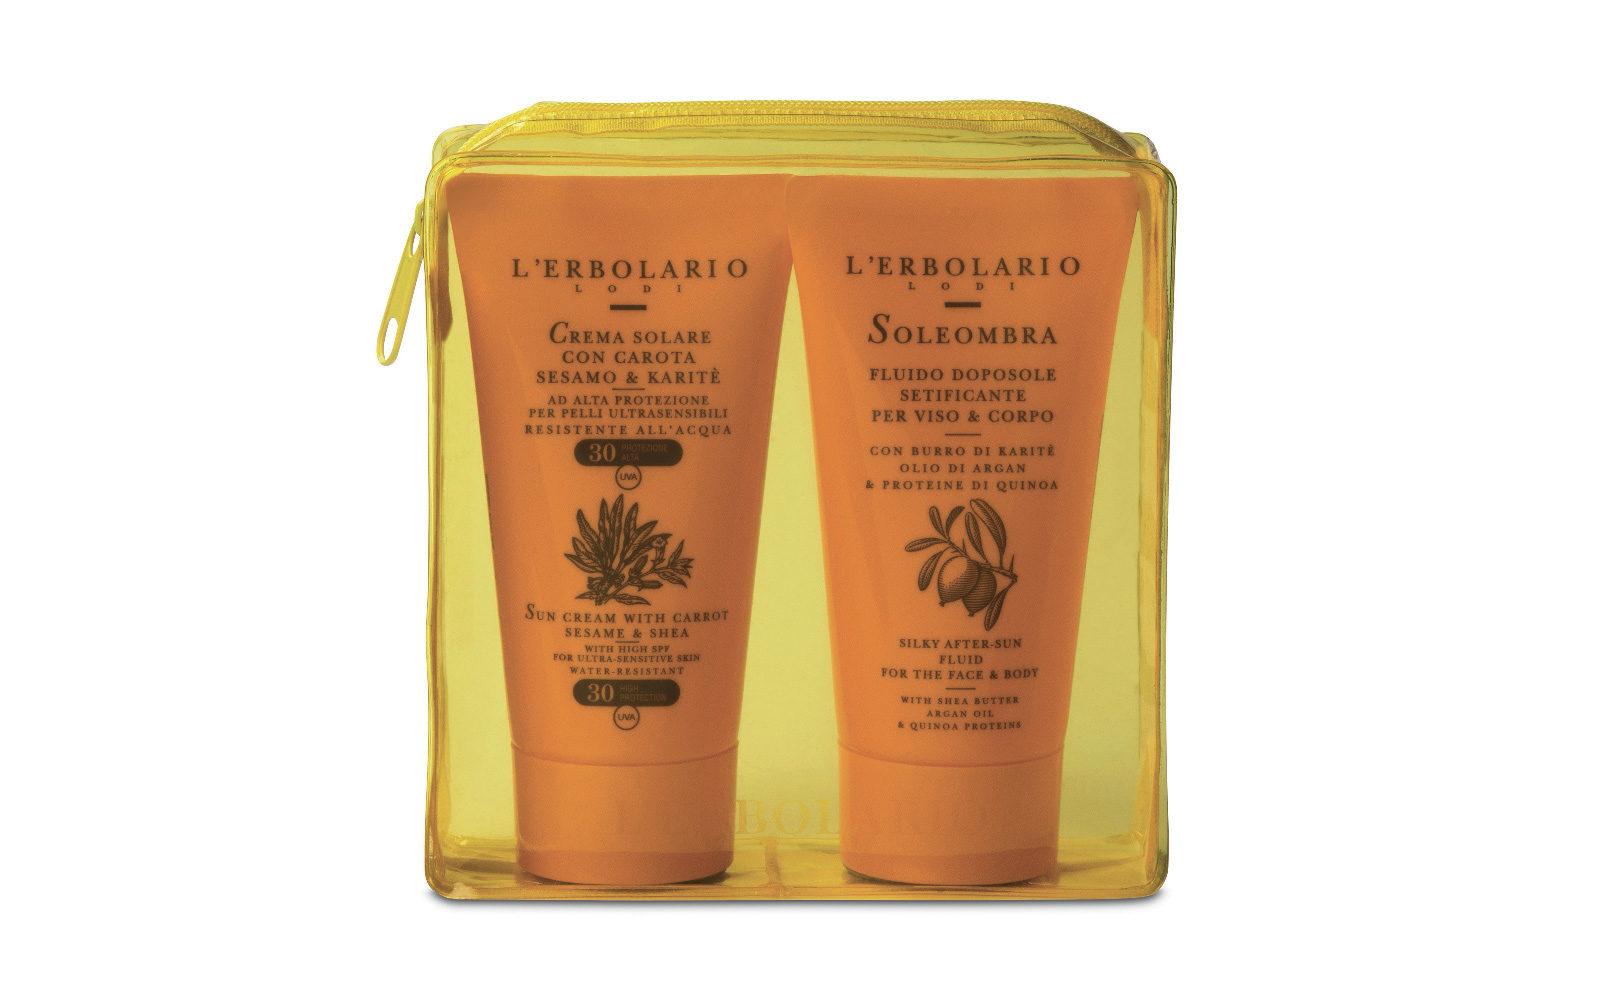 Un kit completo per abbronzarsi in sicurezza: L'Erbolario propone Crema solare con carota, sesamo e karité Spf30 e il Doposole SoleOmbra (erboristerie e negozi monomarca, 13,90 euro).